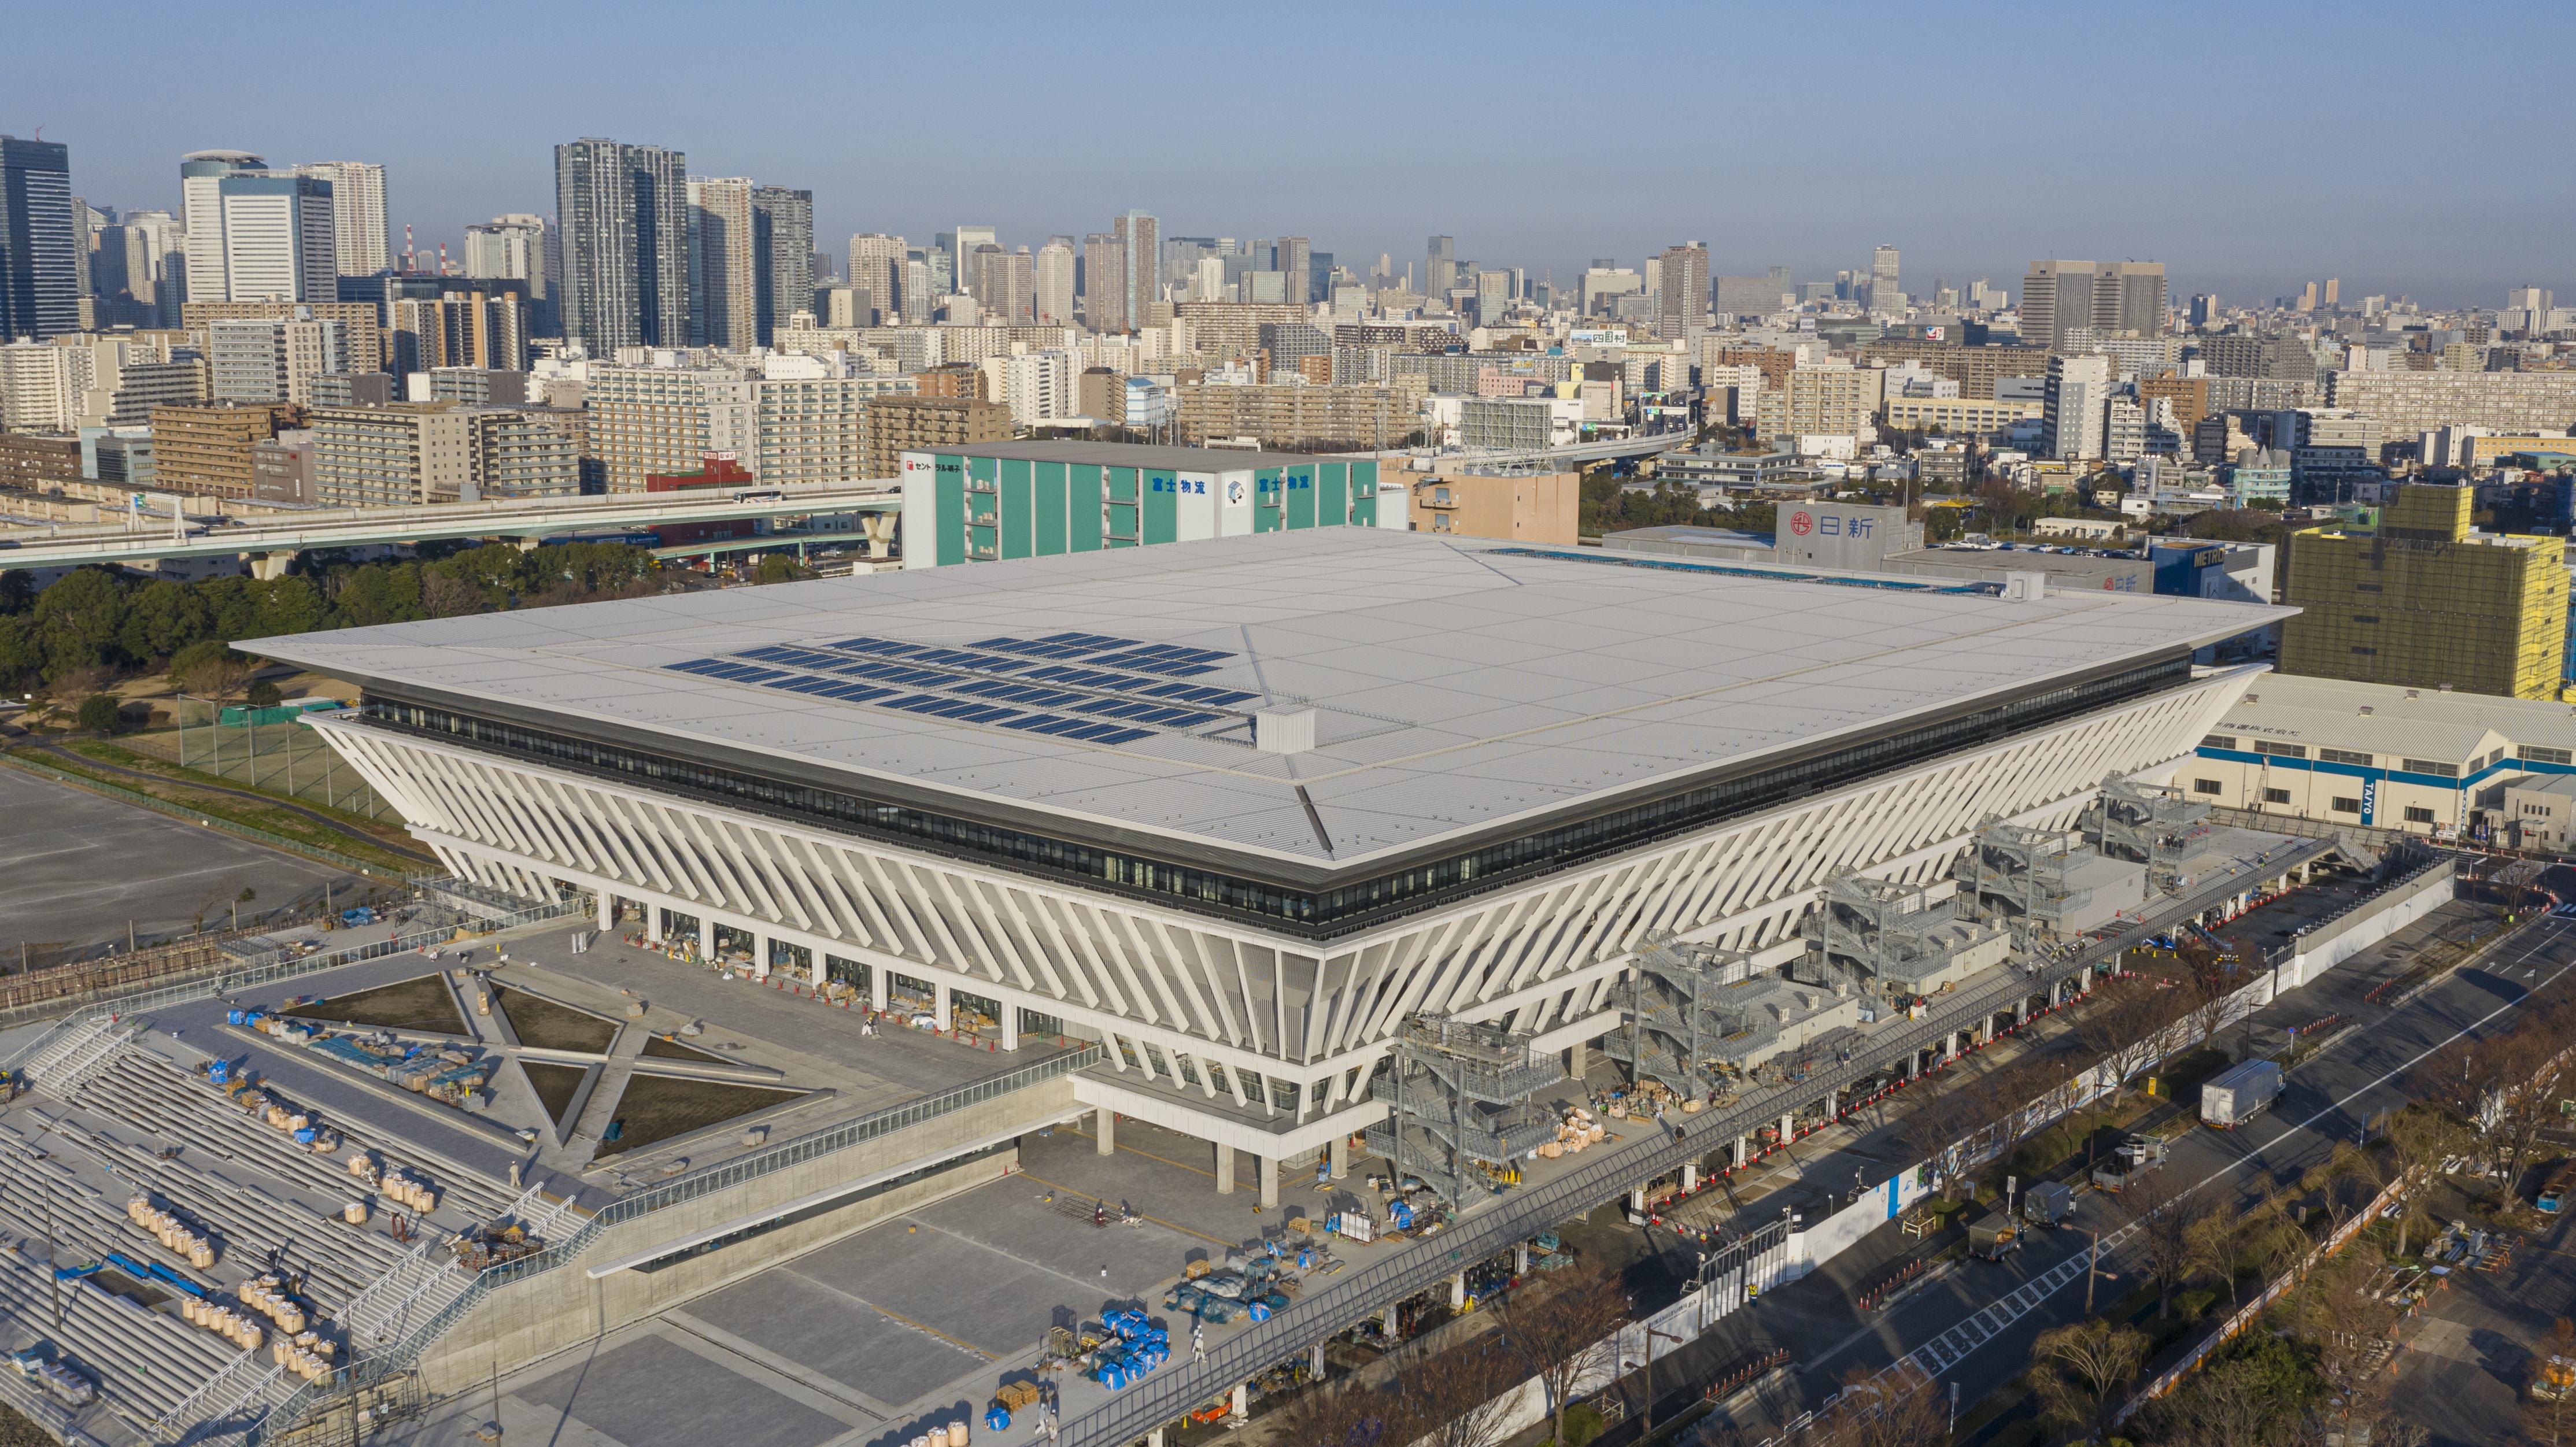 Tokyo_Aquatics_Centre.jpg